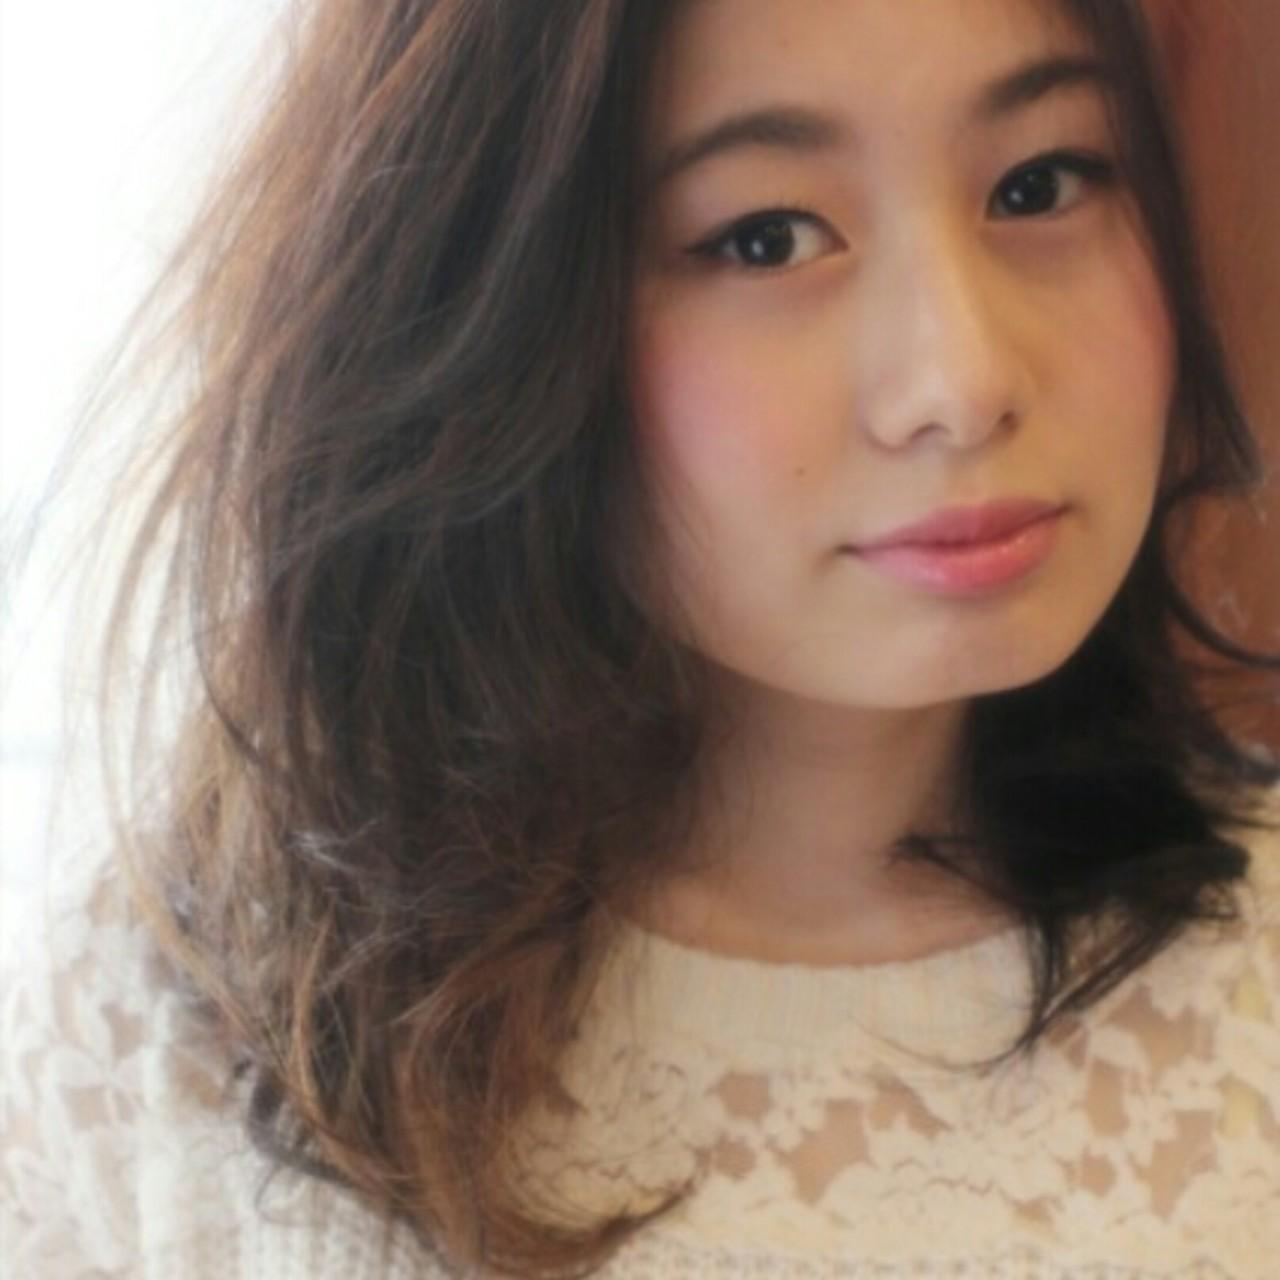 ゆるふわ ガーリー モテ髪 大人かわいい ヘアスタイルや髪型の写真・画像